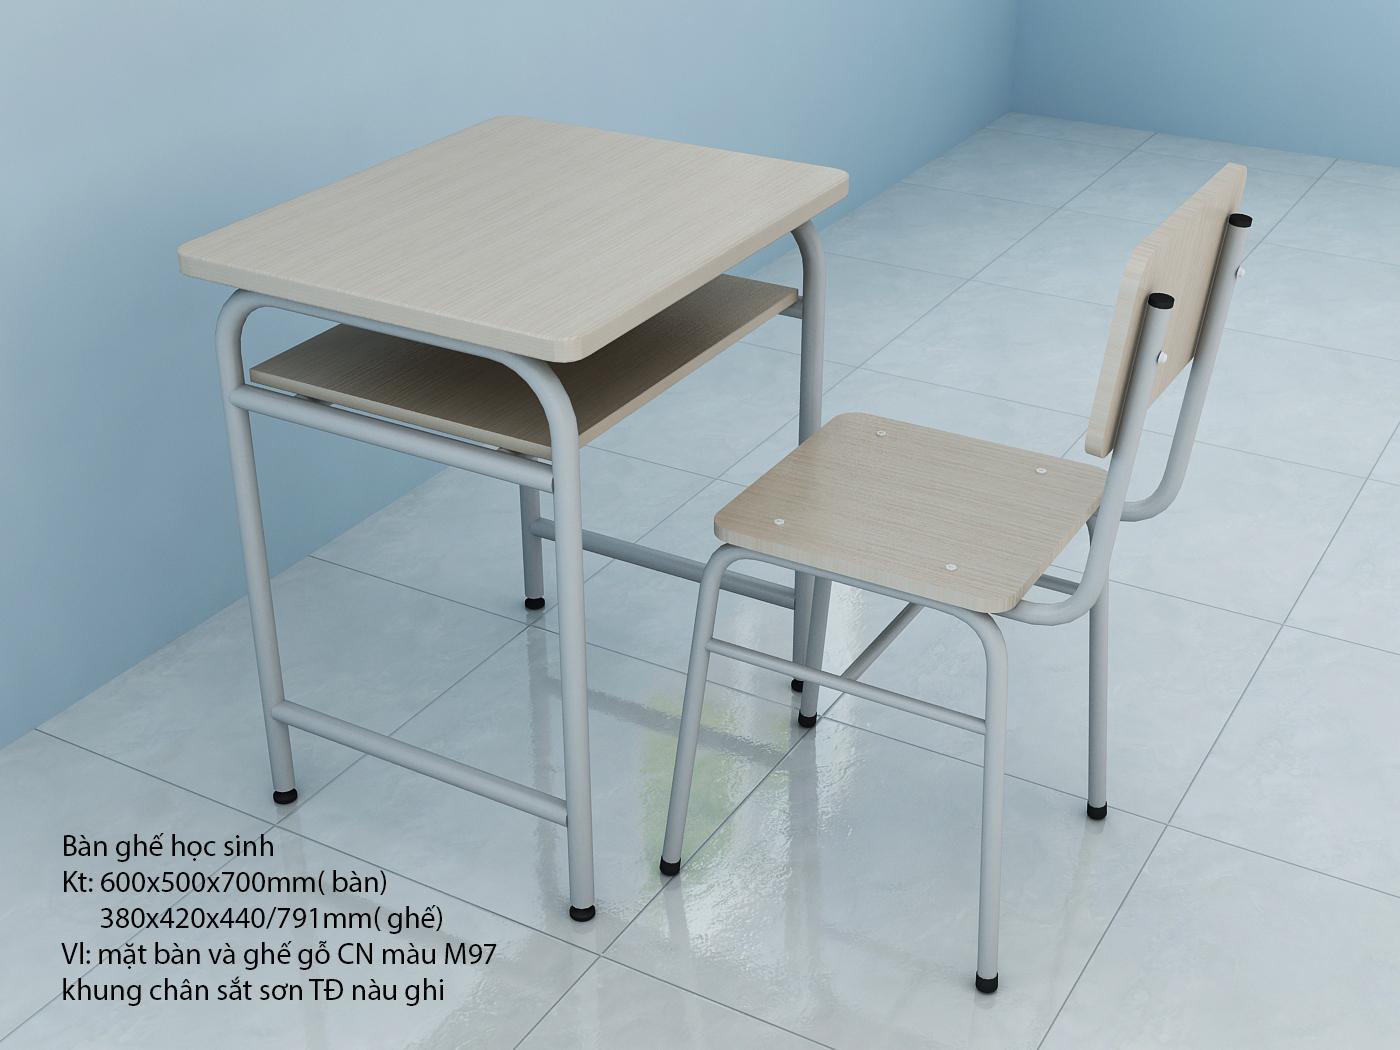 Bàn ghế học sinh đơn cho các TT Anh ngữ